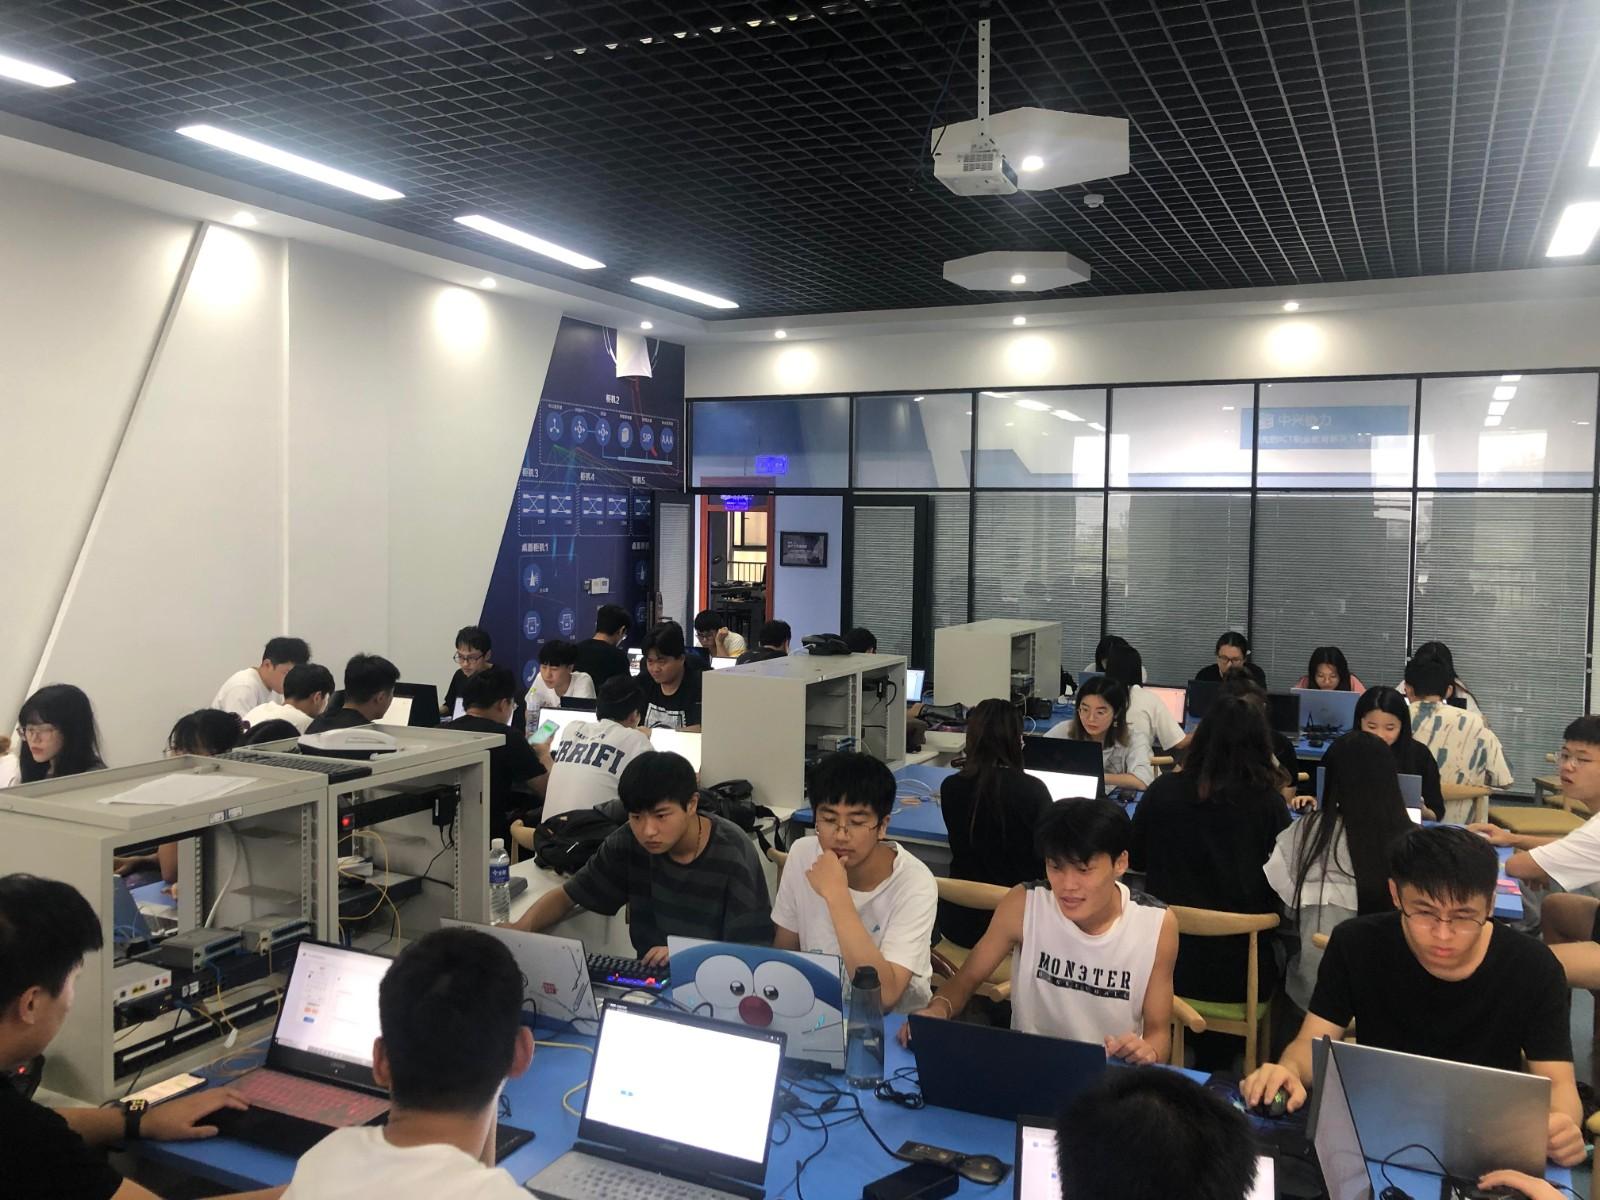 青岛农业大学海都学院开展基地实训,打造校企协同育人模式